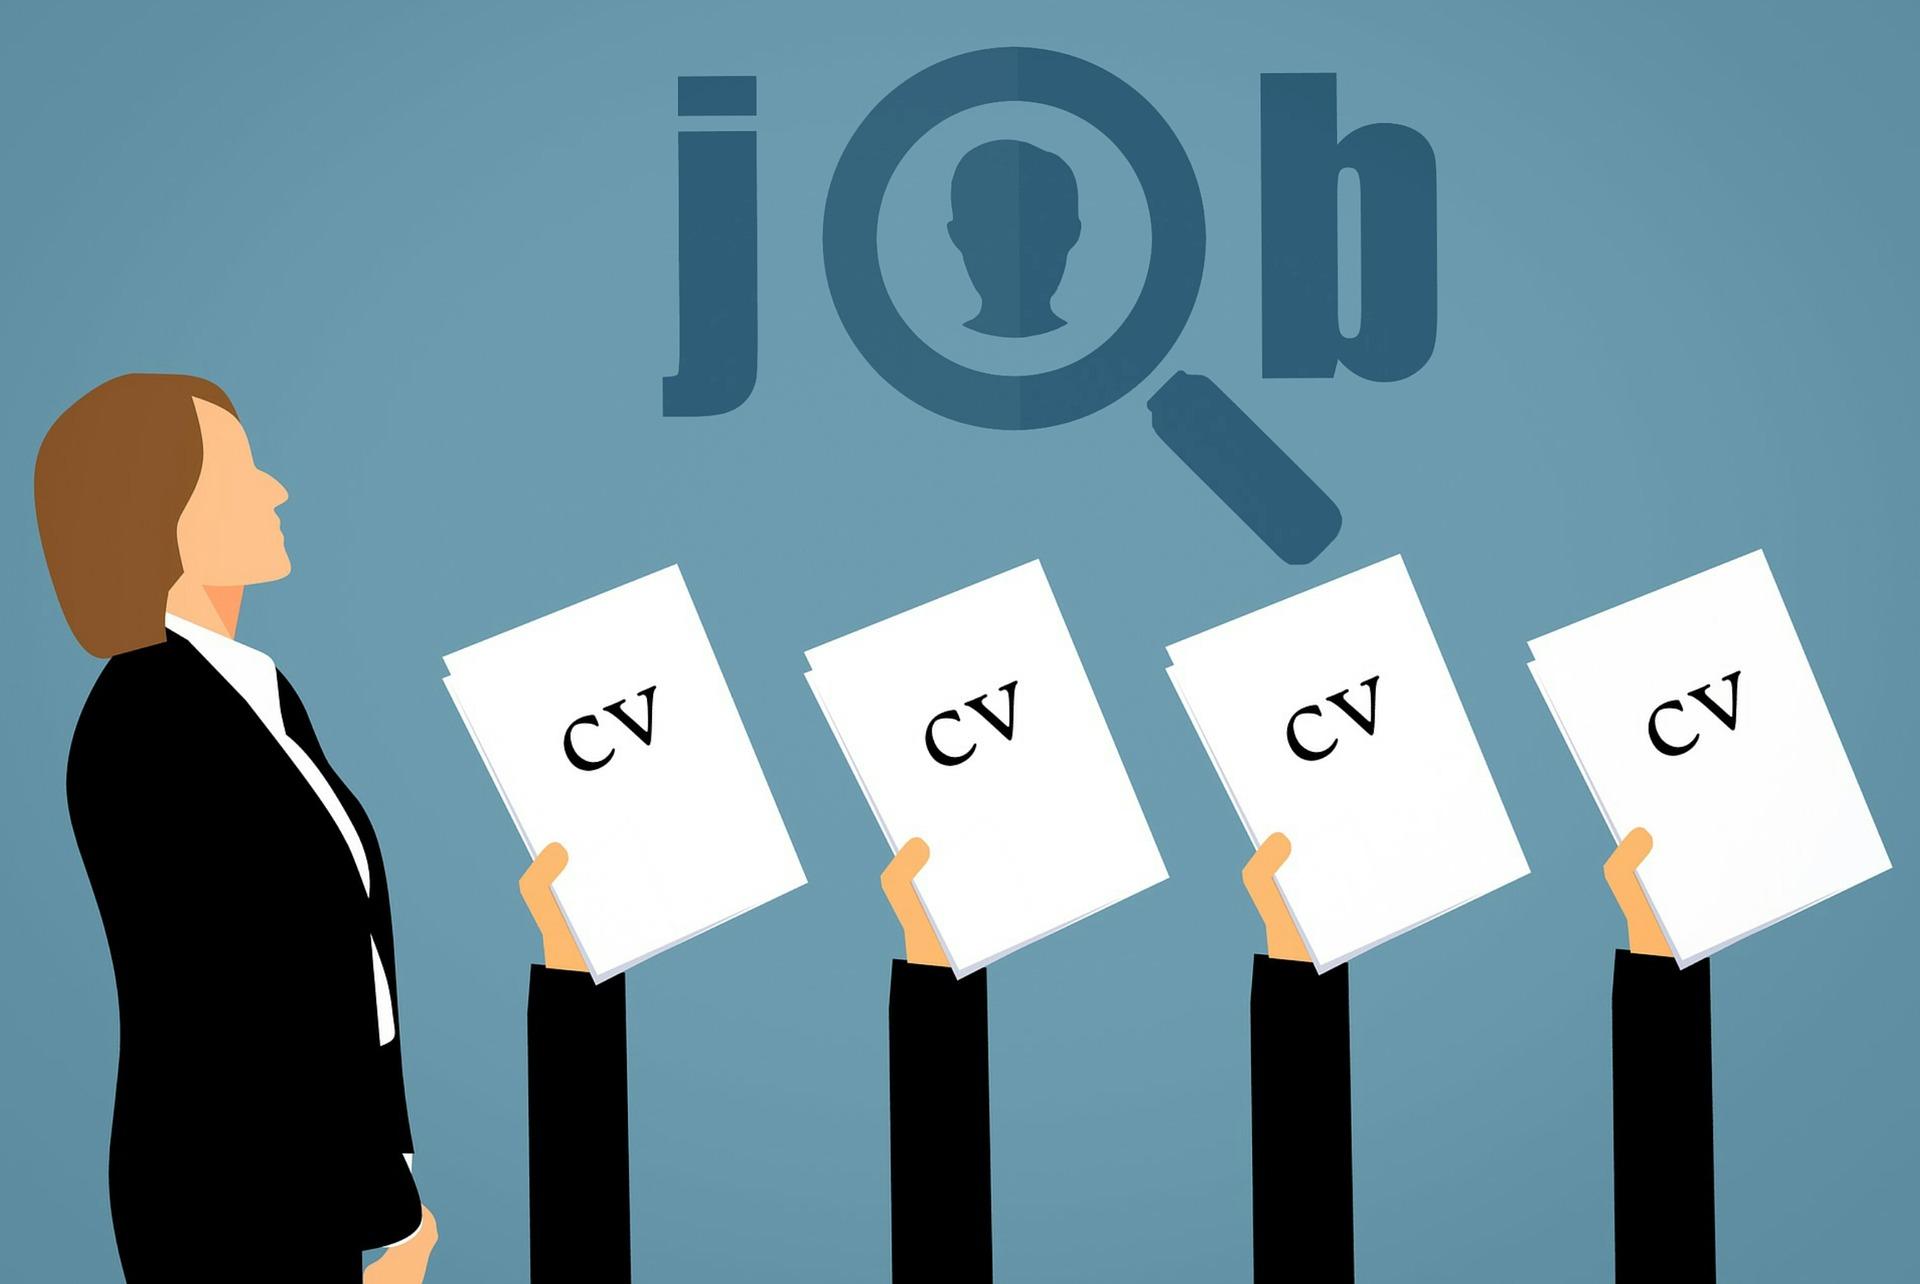 job-3681036_1920.jpg